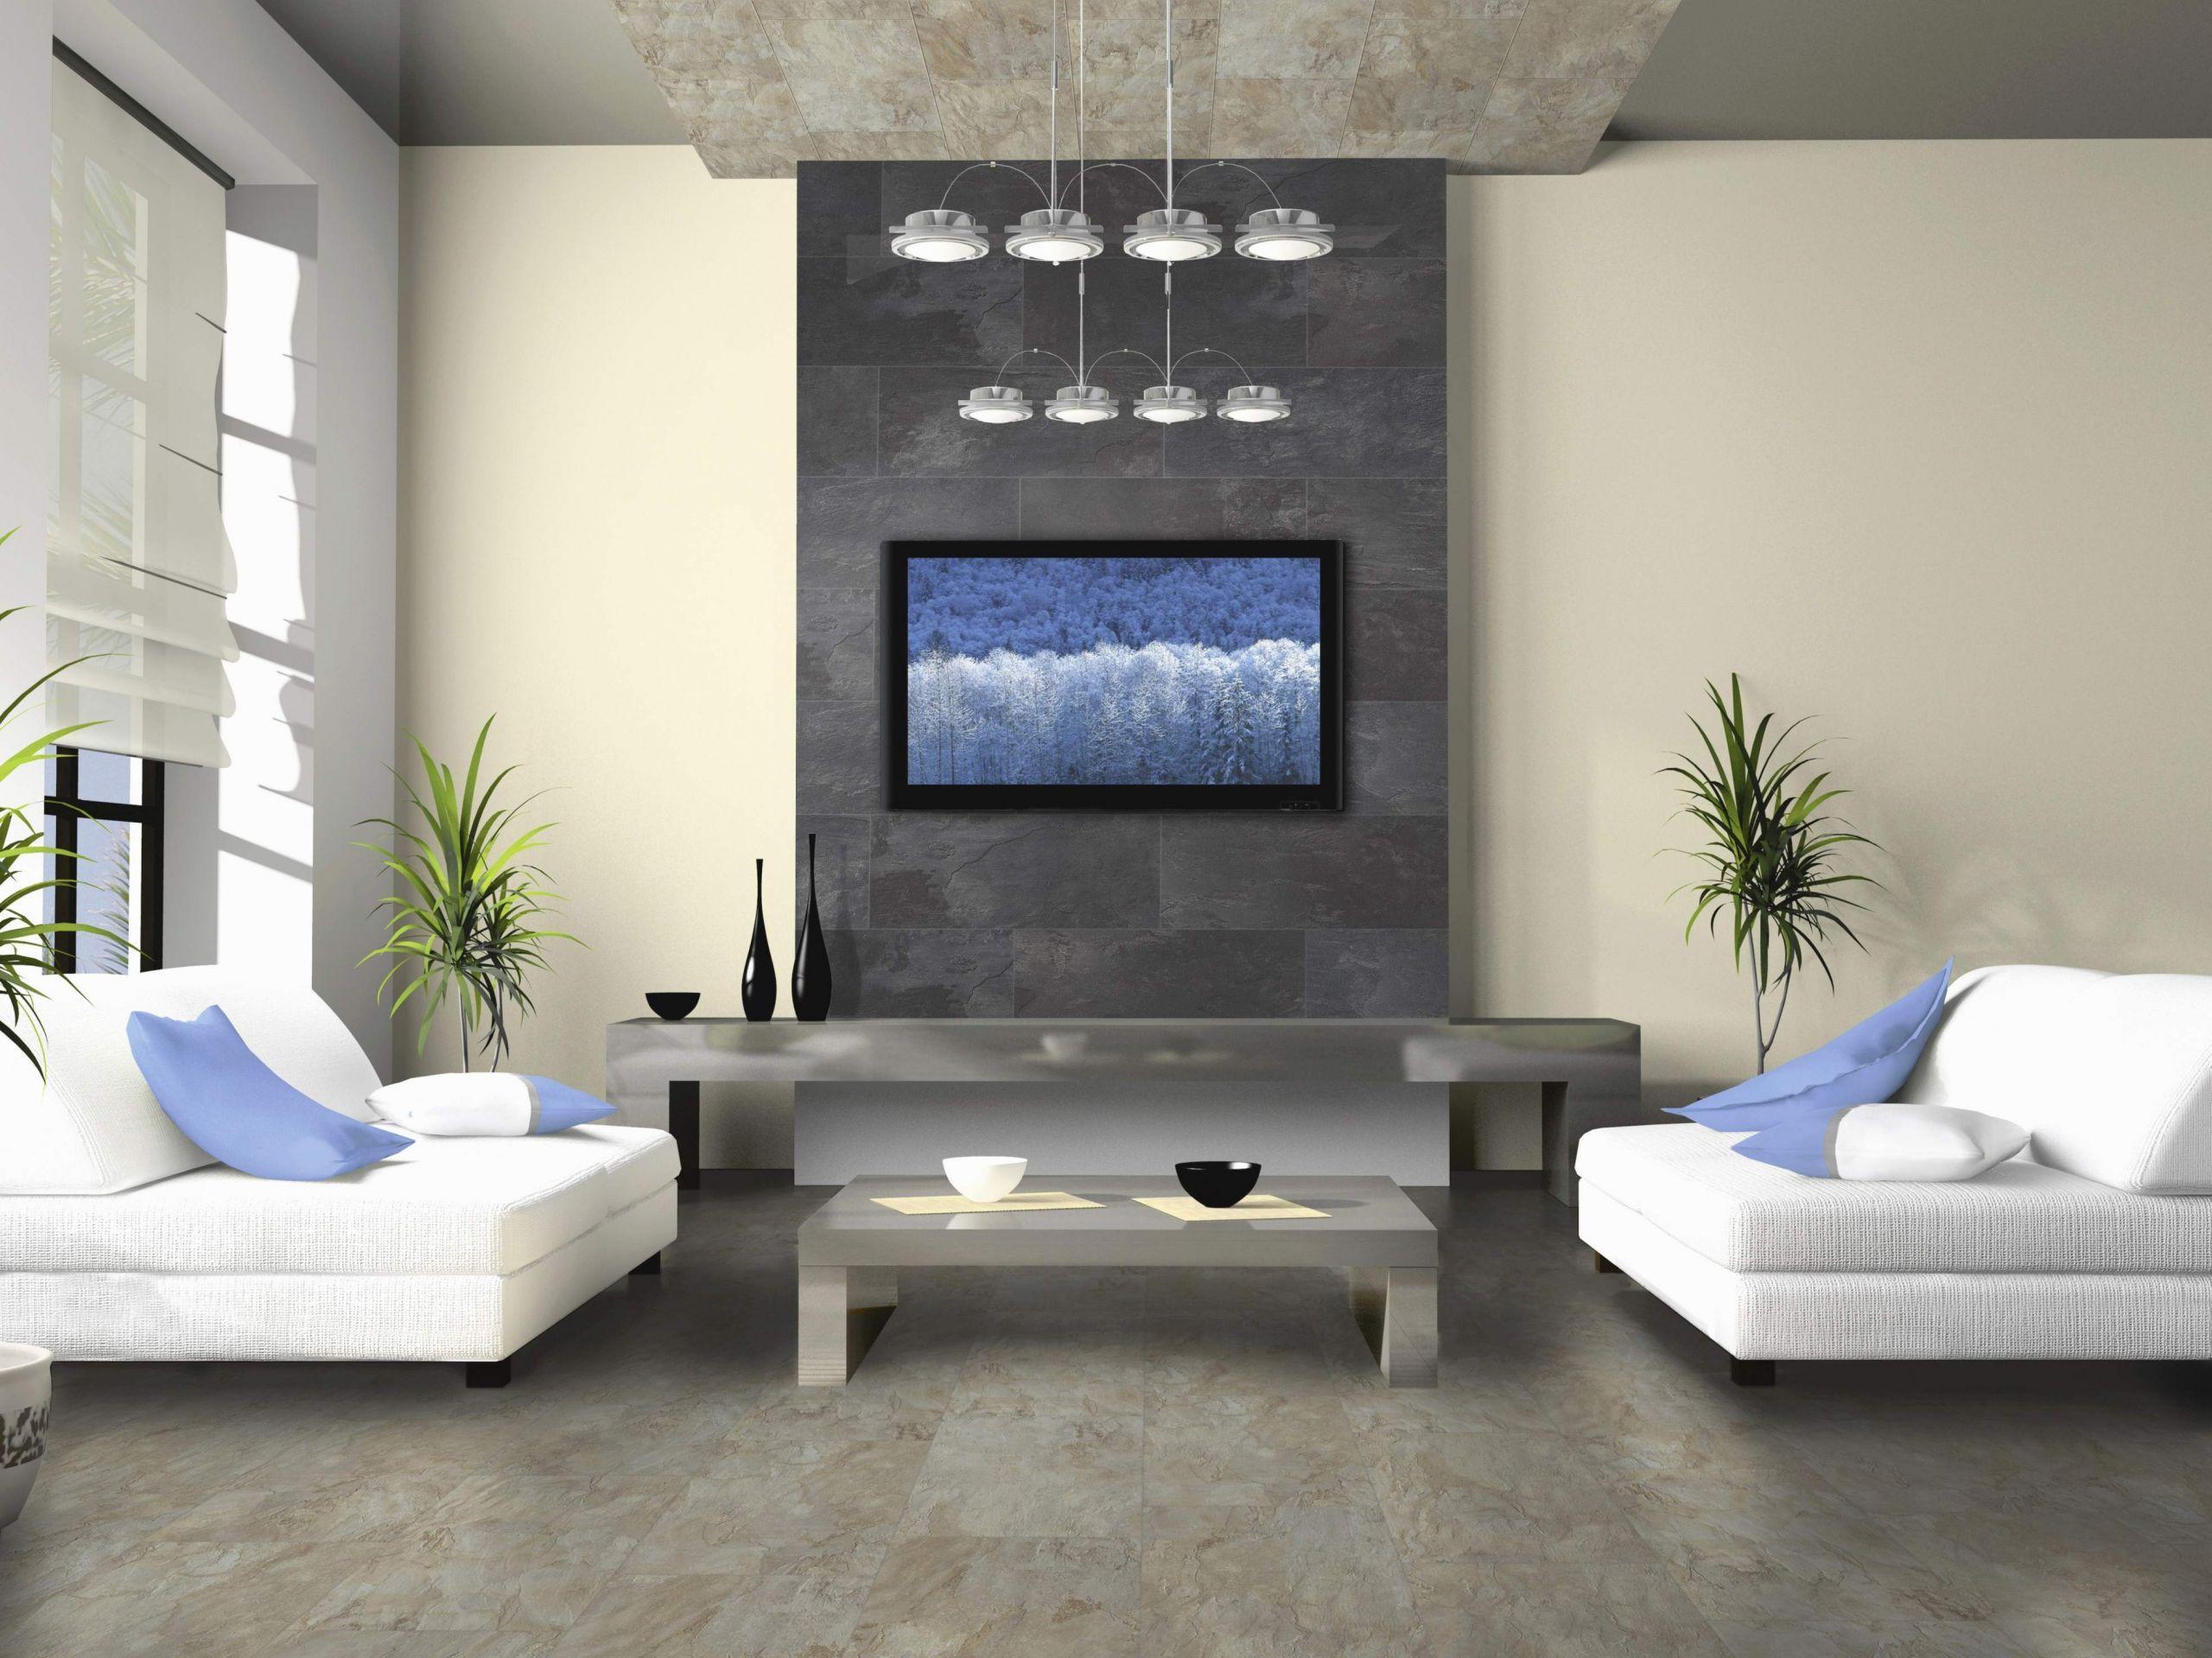 deko wohnzimmer modern elegant wohnzimmer wand 0d of deko wohnzimmer modern